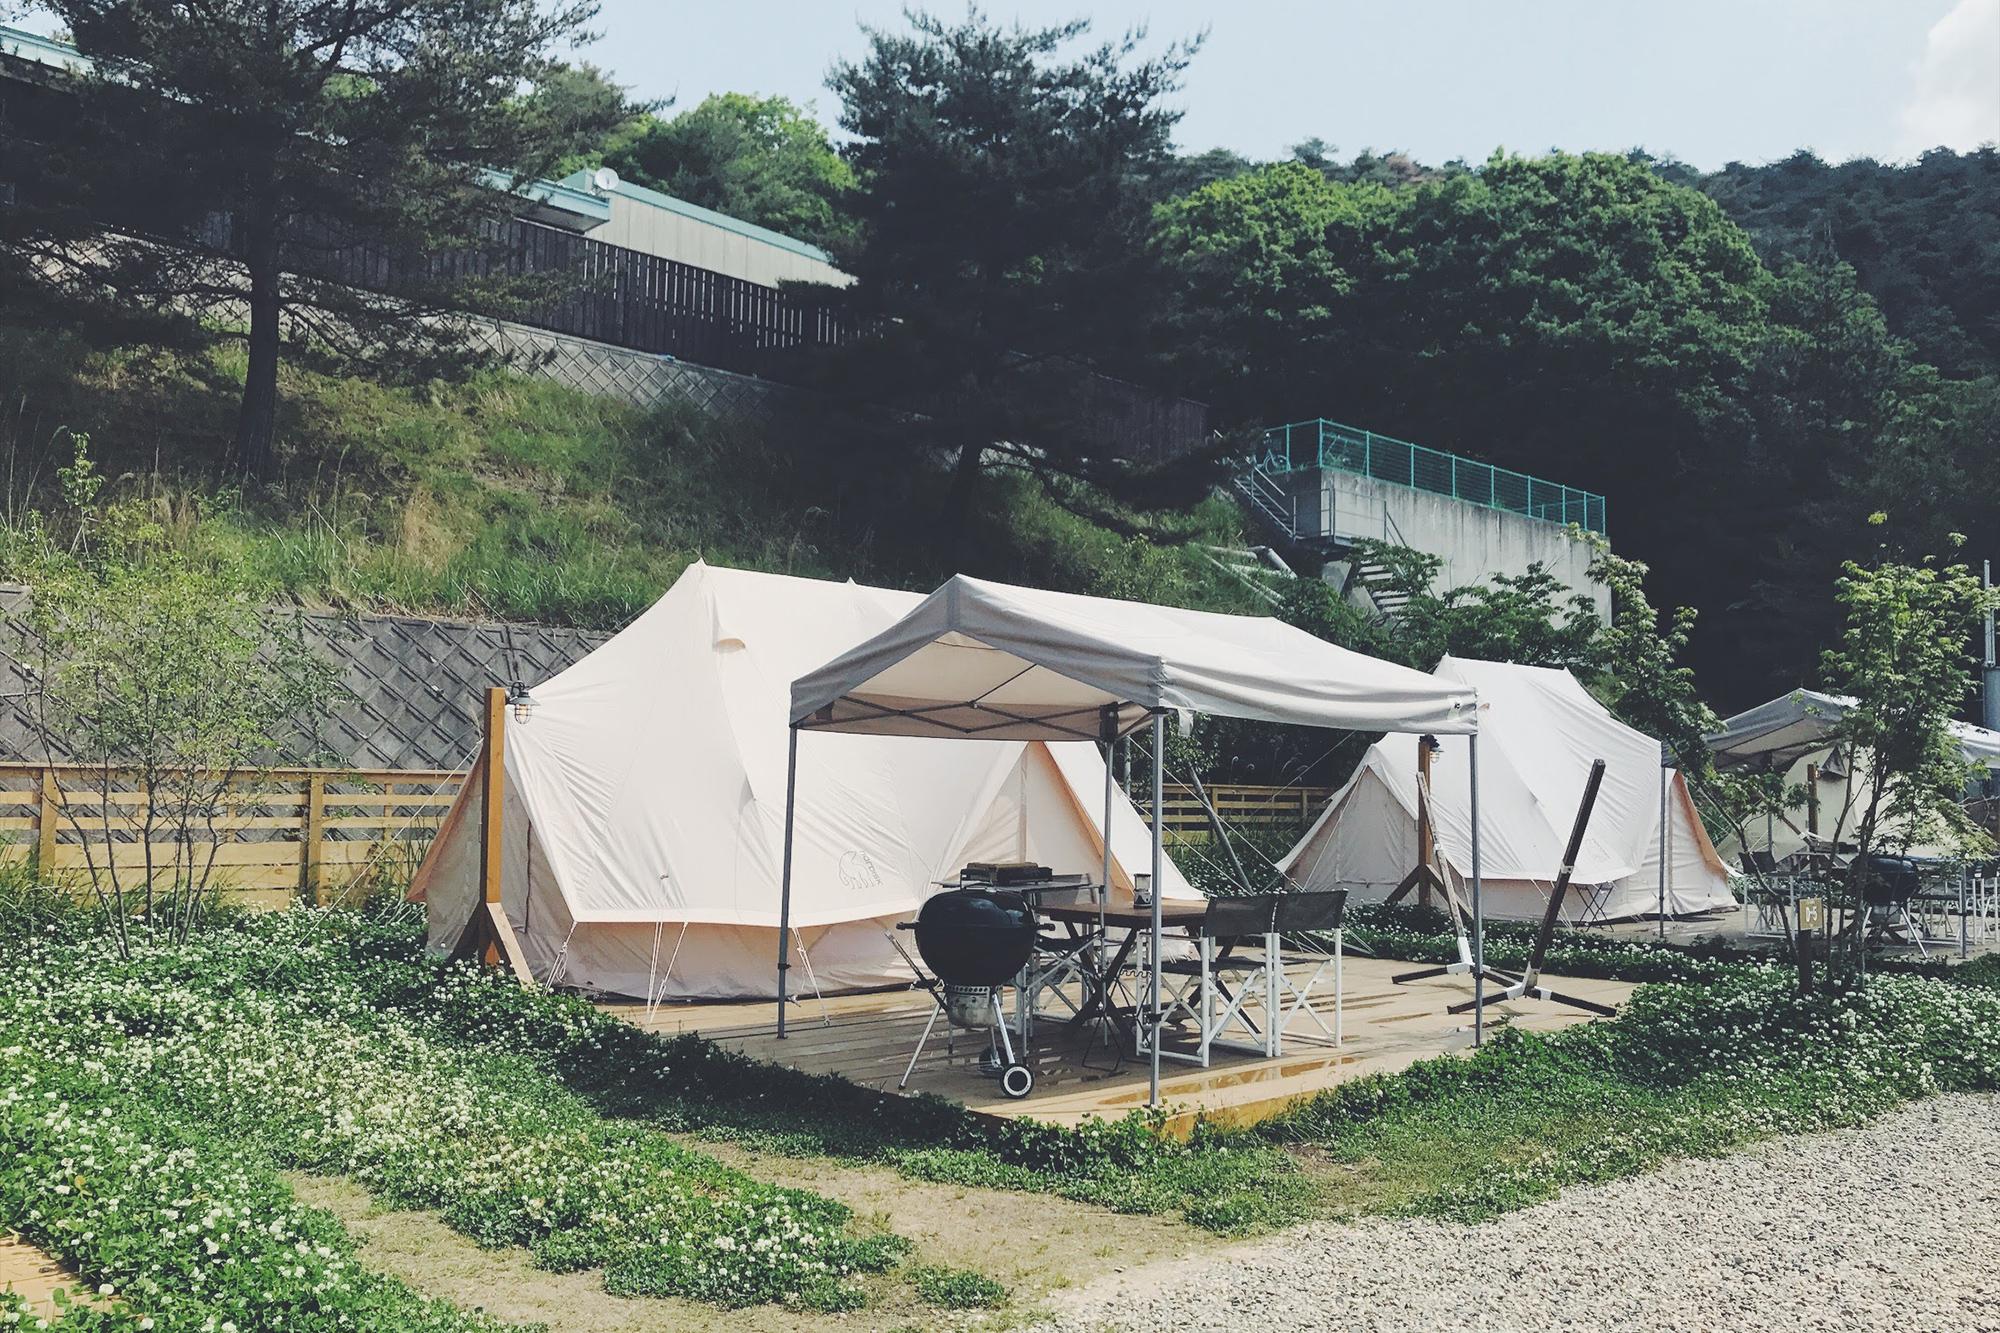 京都グランピング るり渓GRAX 新テント